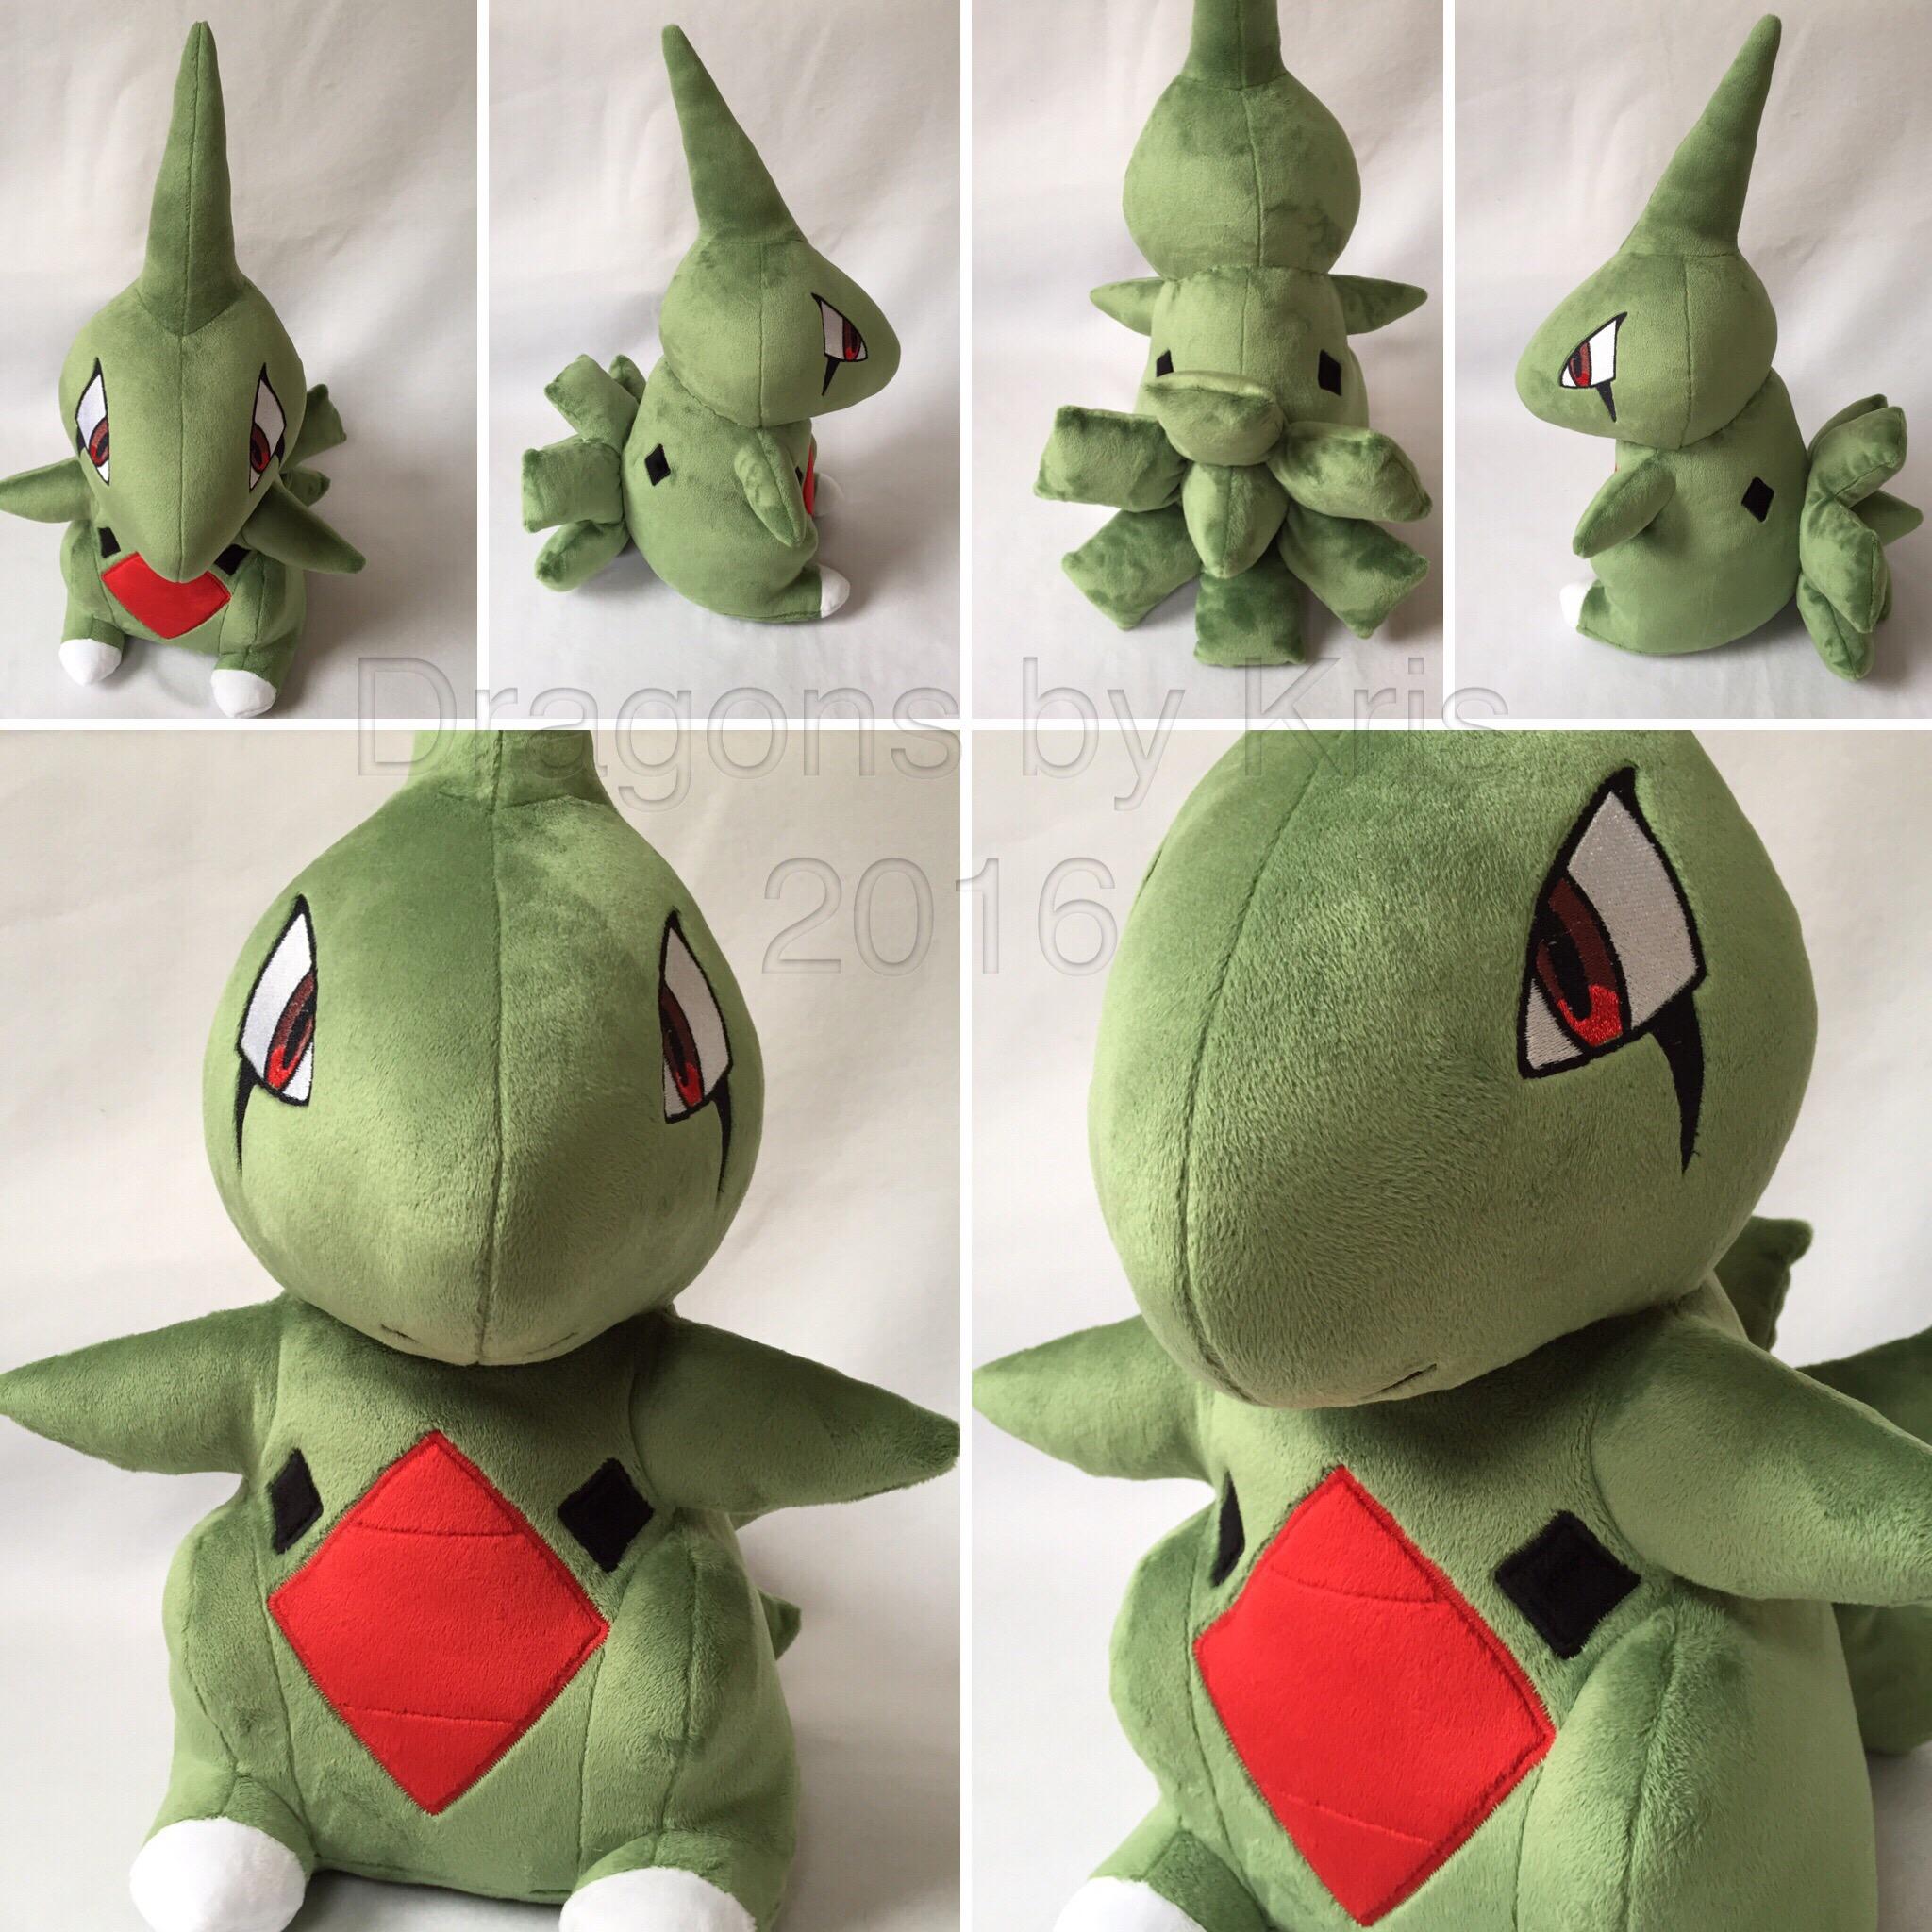 Lifesize Larvitar Pokemon Plush